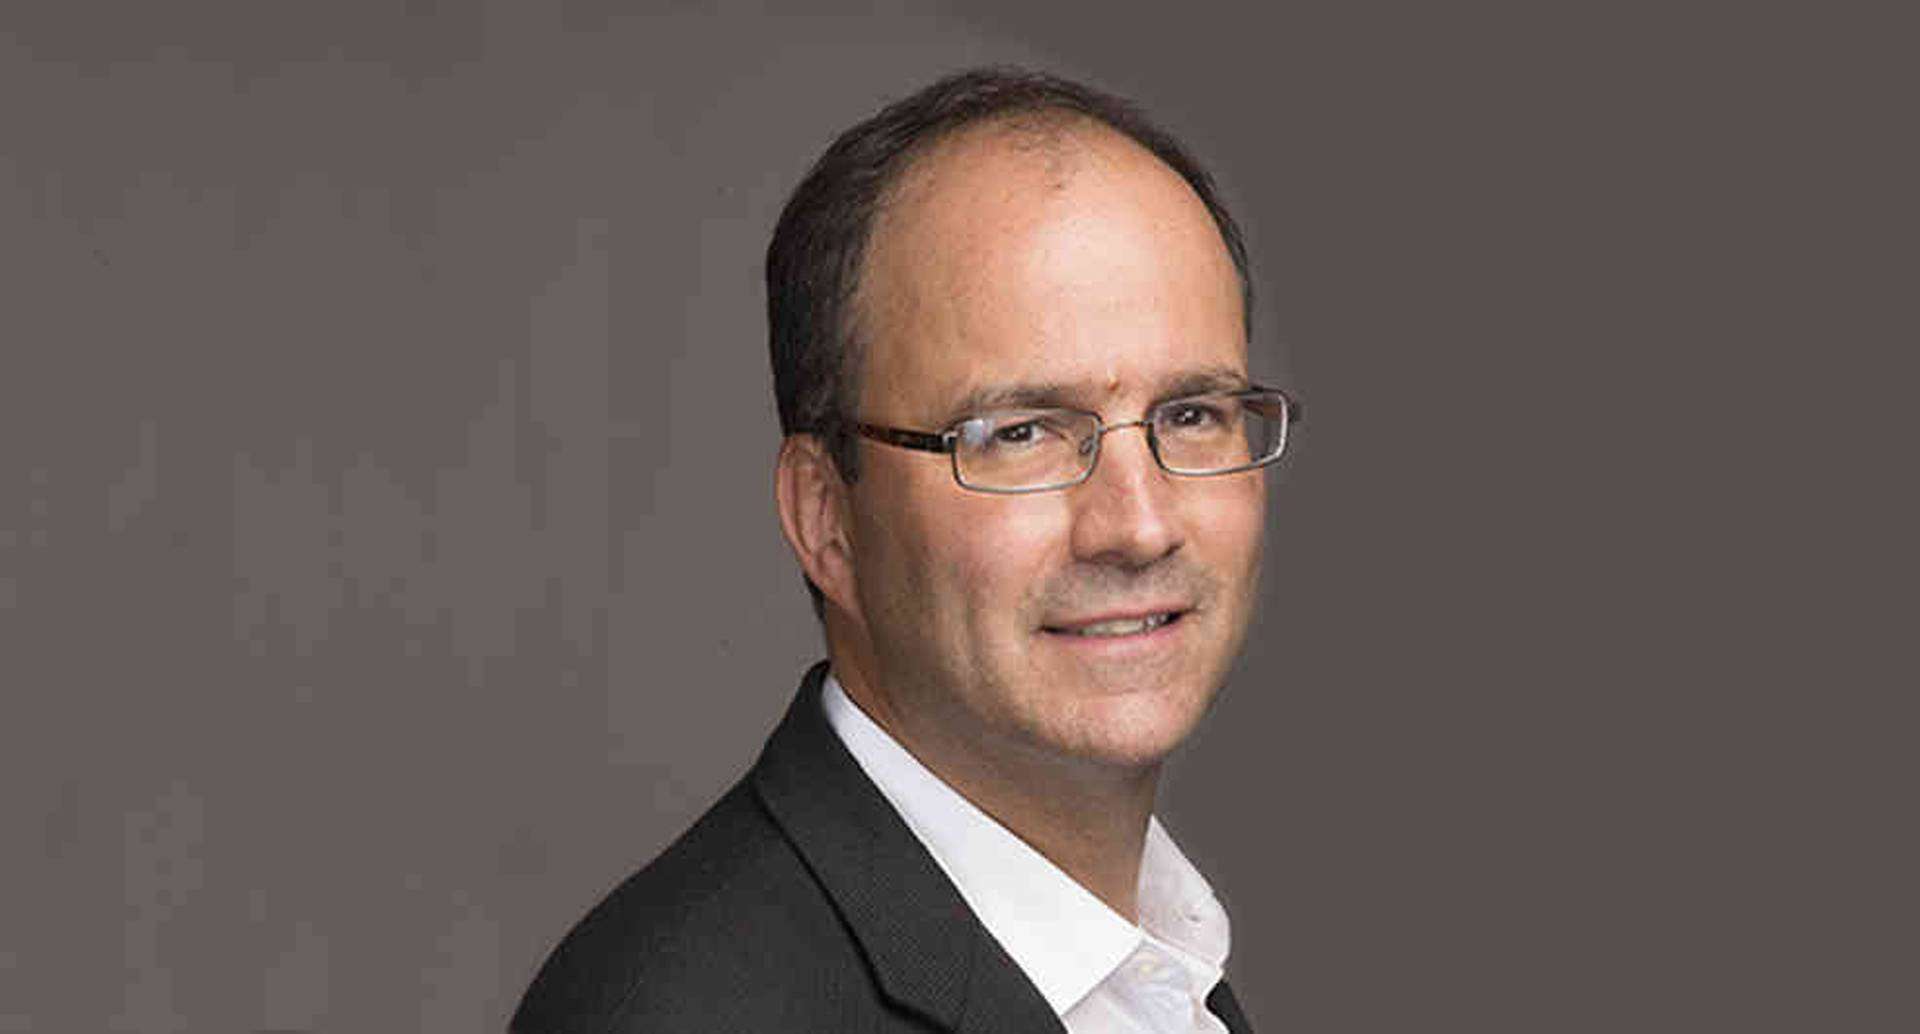 Emilio García-Ruiz, editor jefe para digital de The Washington Post.